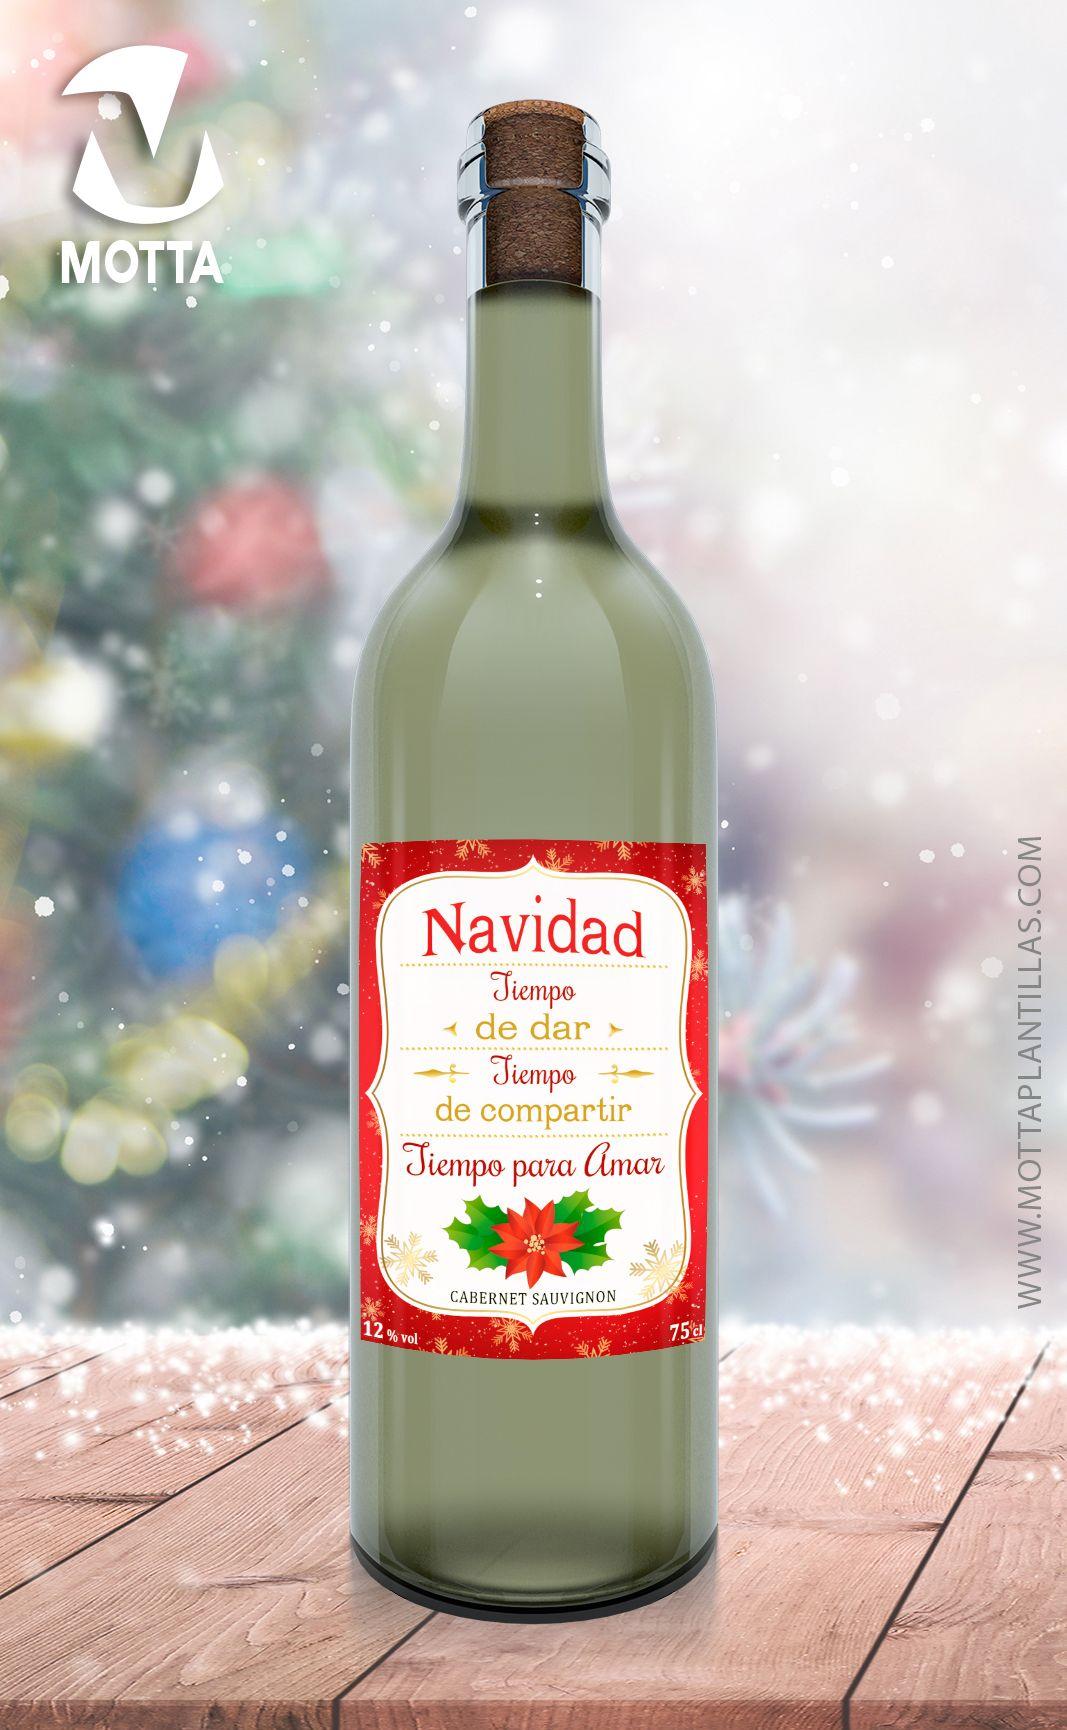 Etiqueta de botella de vino de Navidad etiqueta de vino   Etsy   Wine  bottle, Bottle, Rosé wine bottle